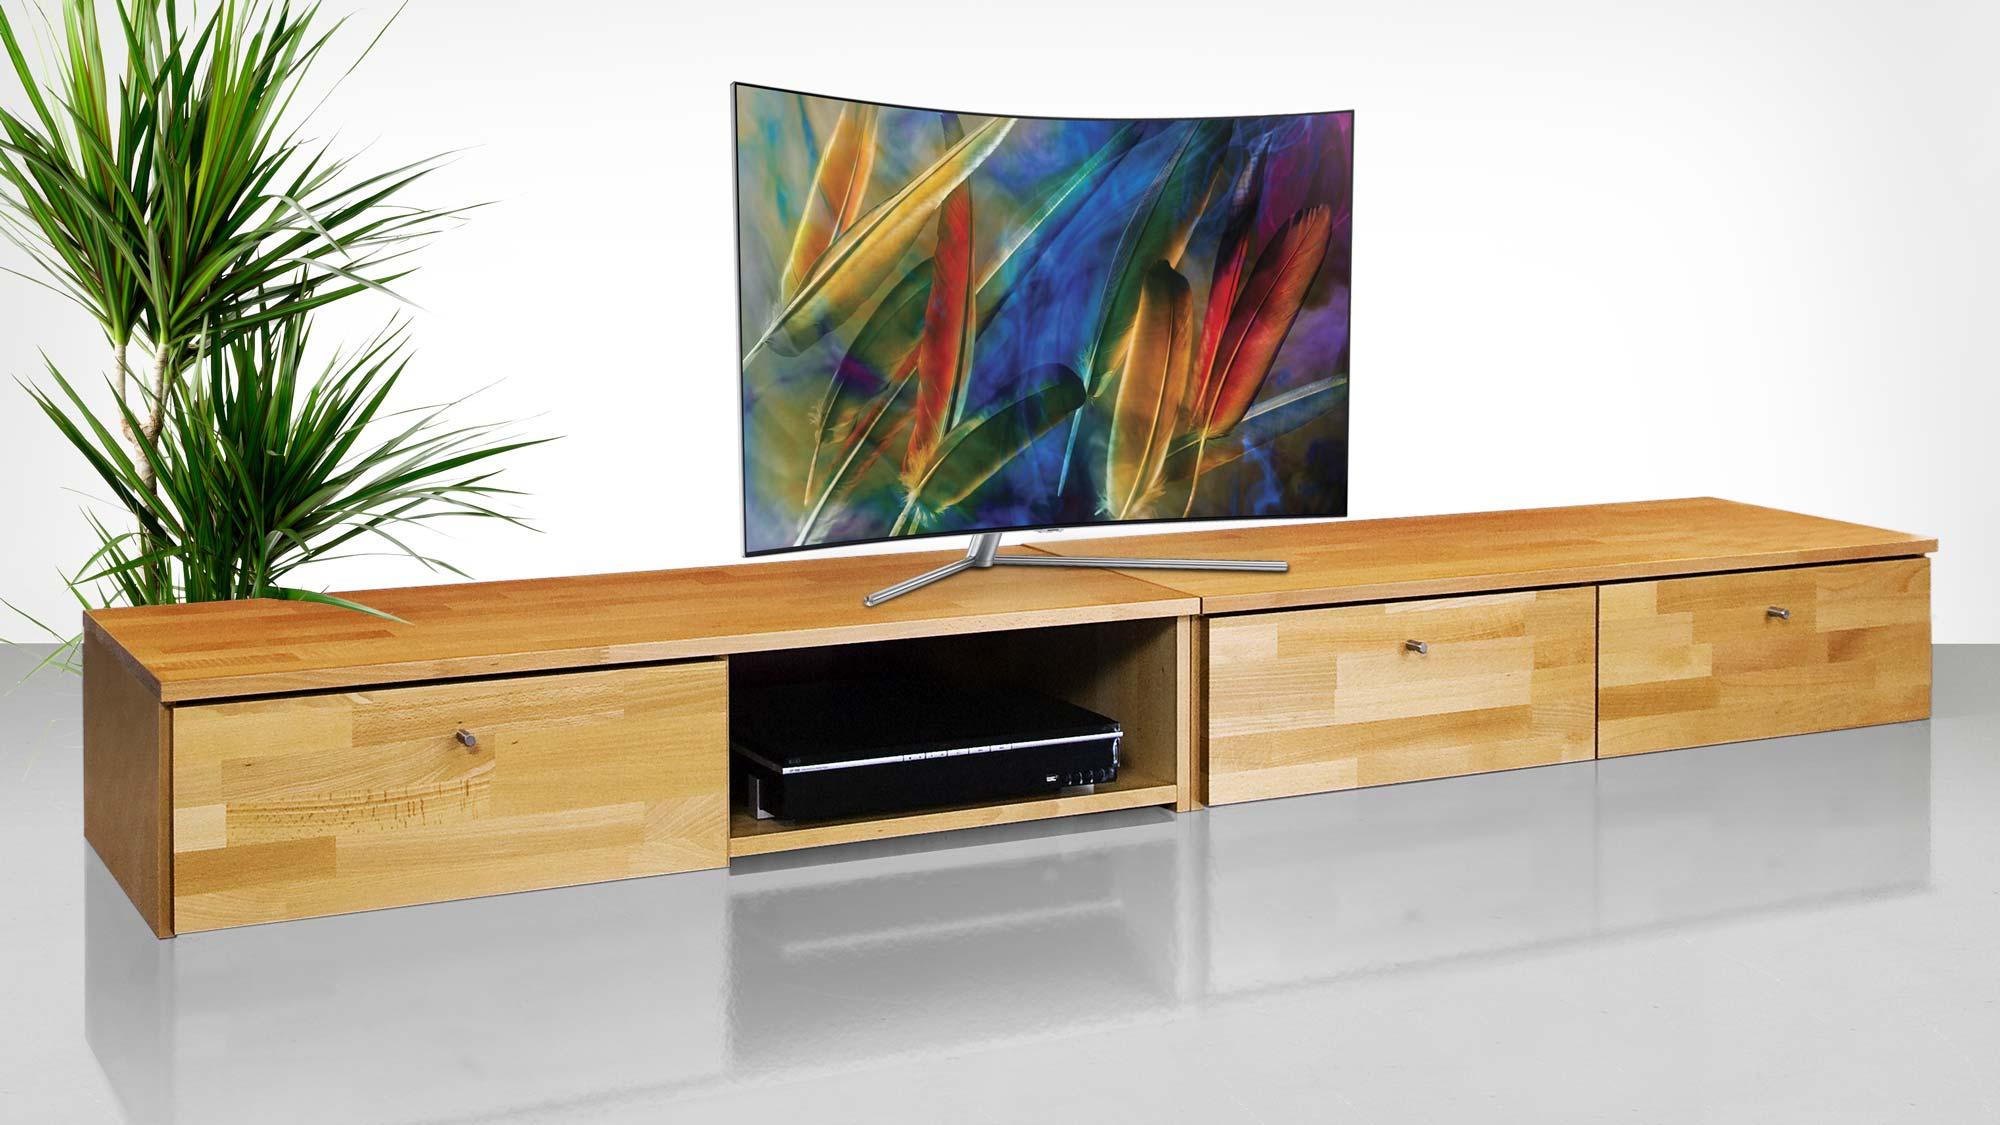 Mobiletto tv fai da te | Realizzazione illustrata